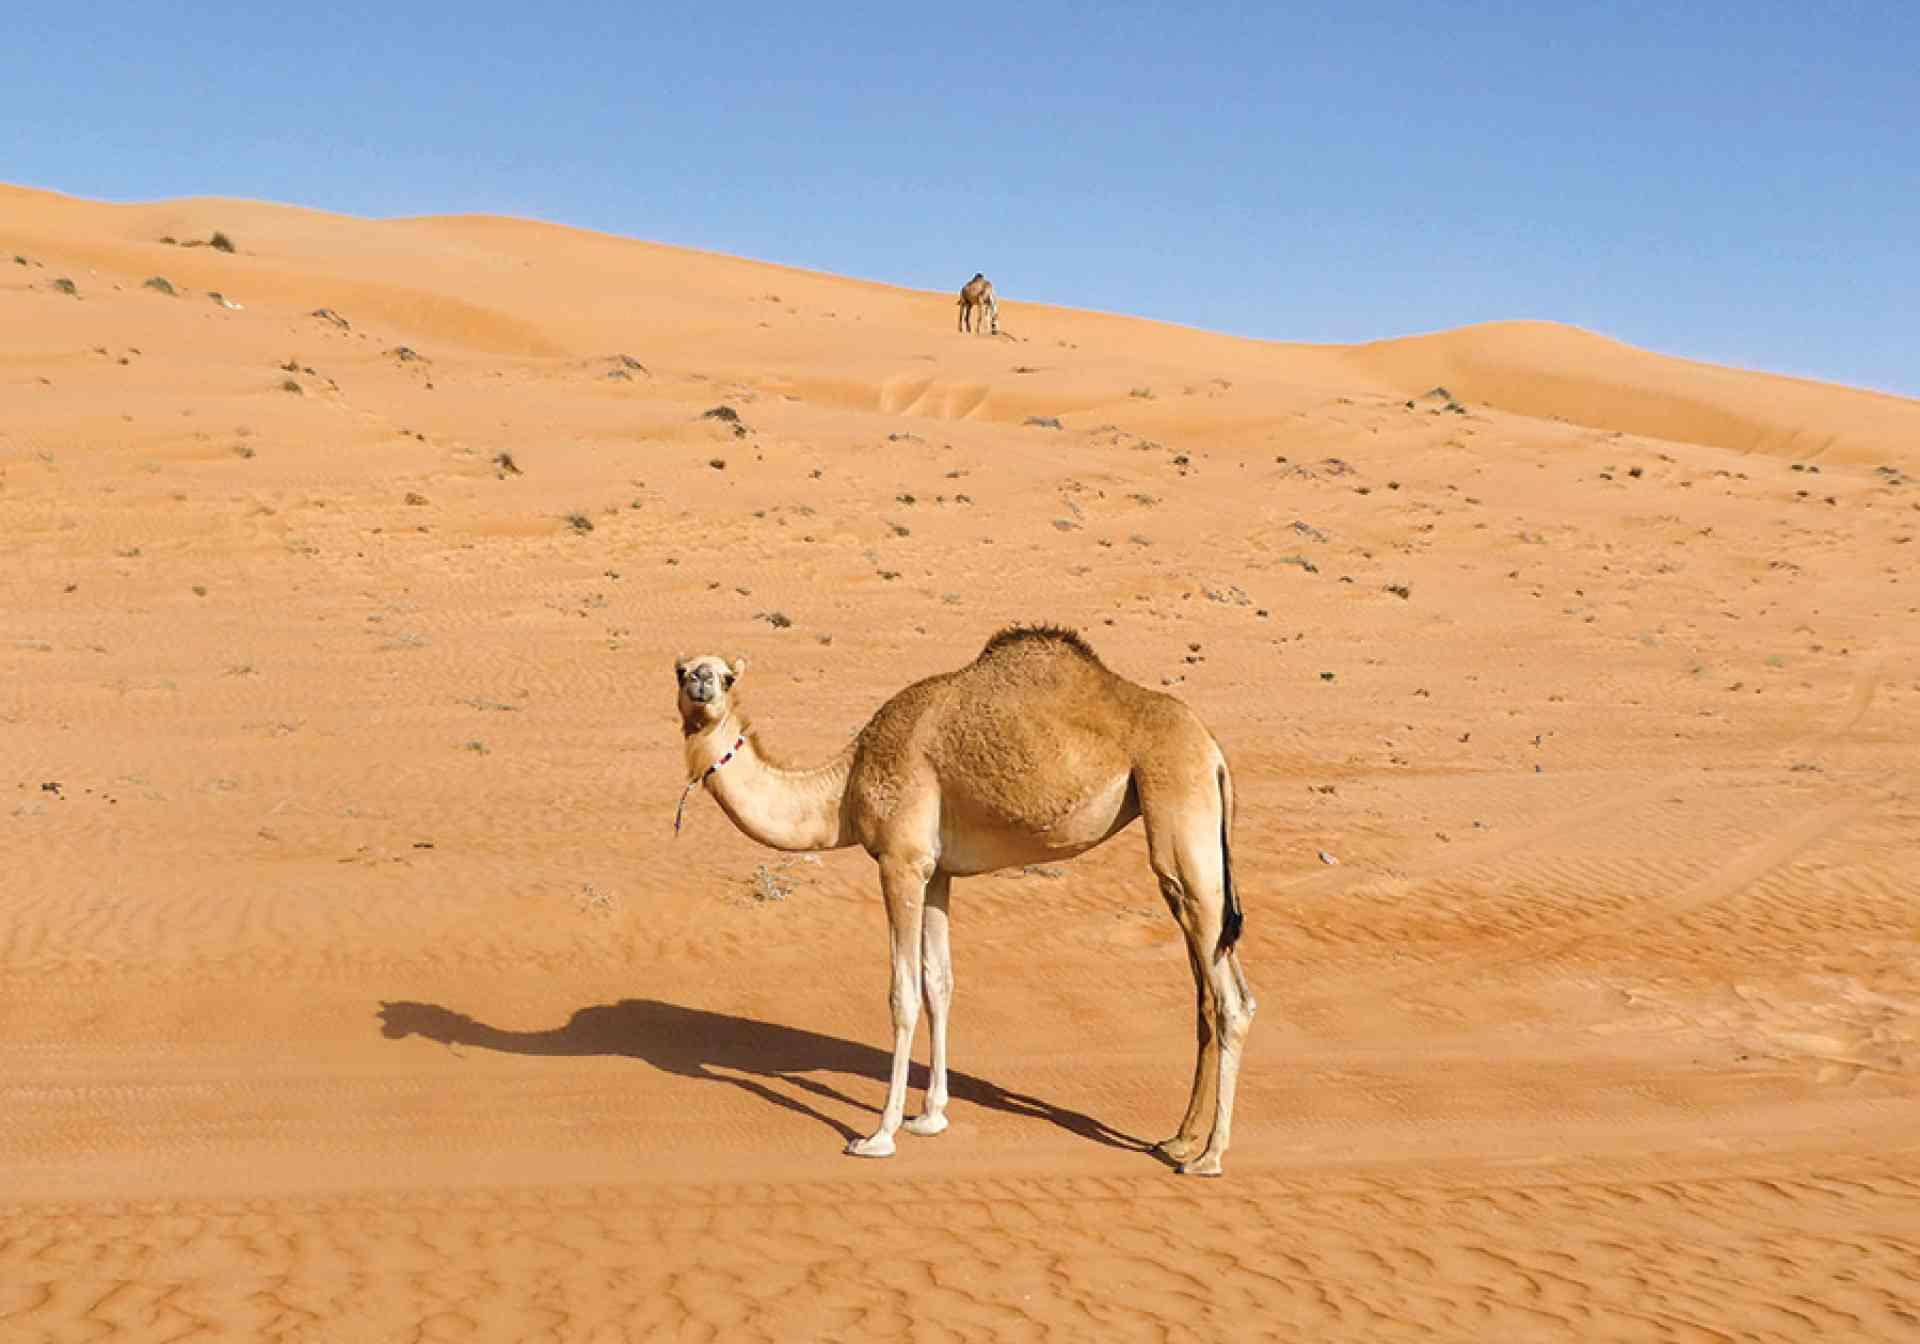 Camel in Wahiba Sands, Jeremy van Heerde